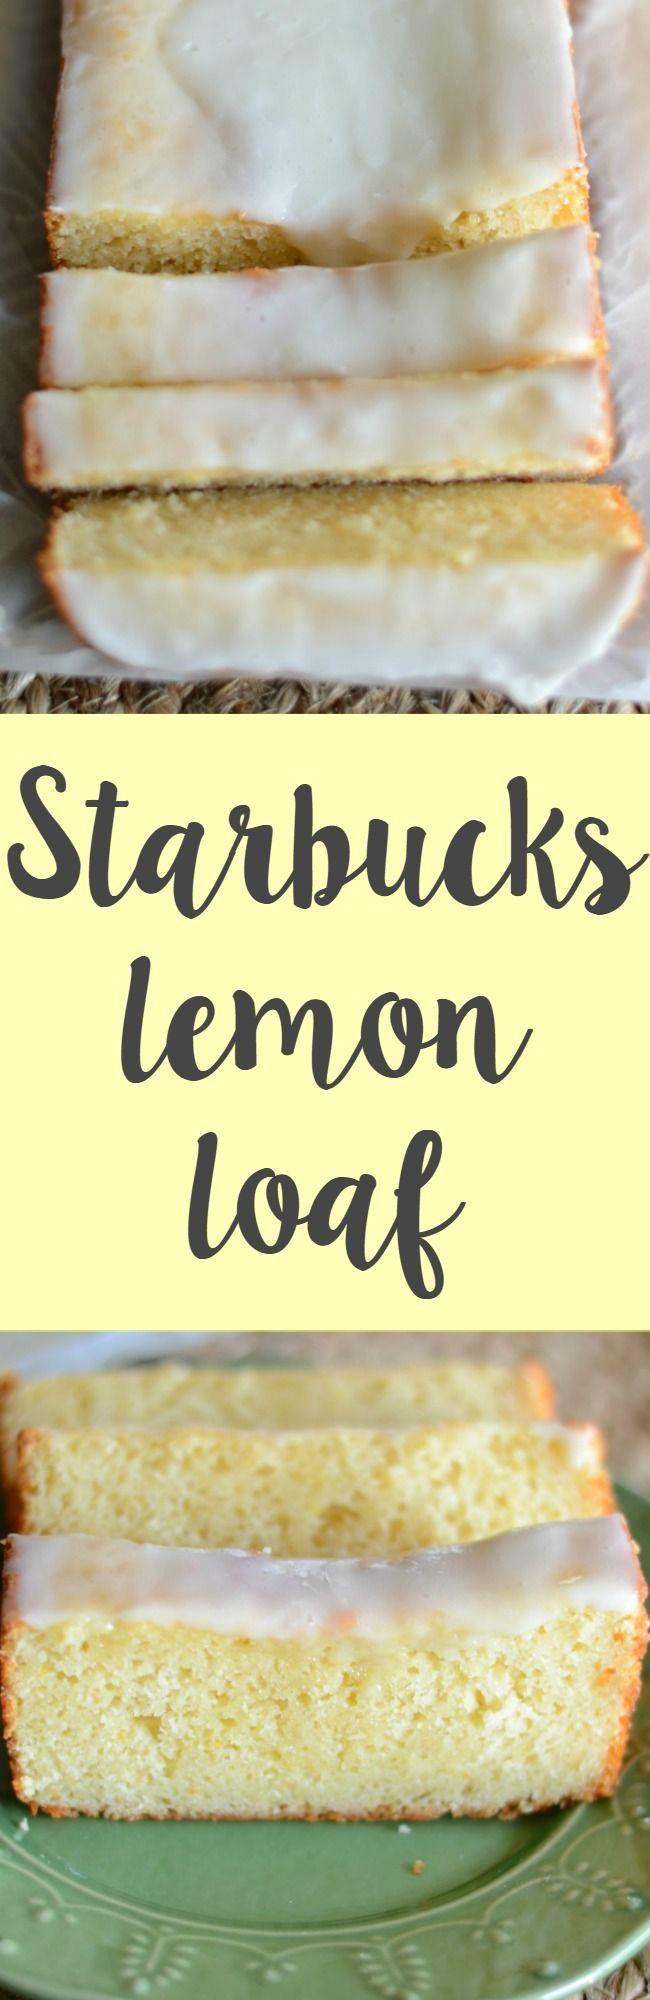 Make Your Own Starbucks Lemon Loaf At Home Super Easy